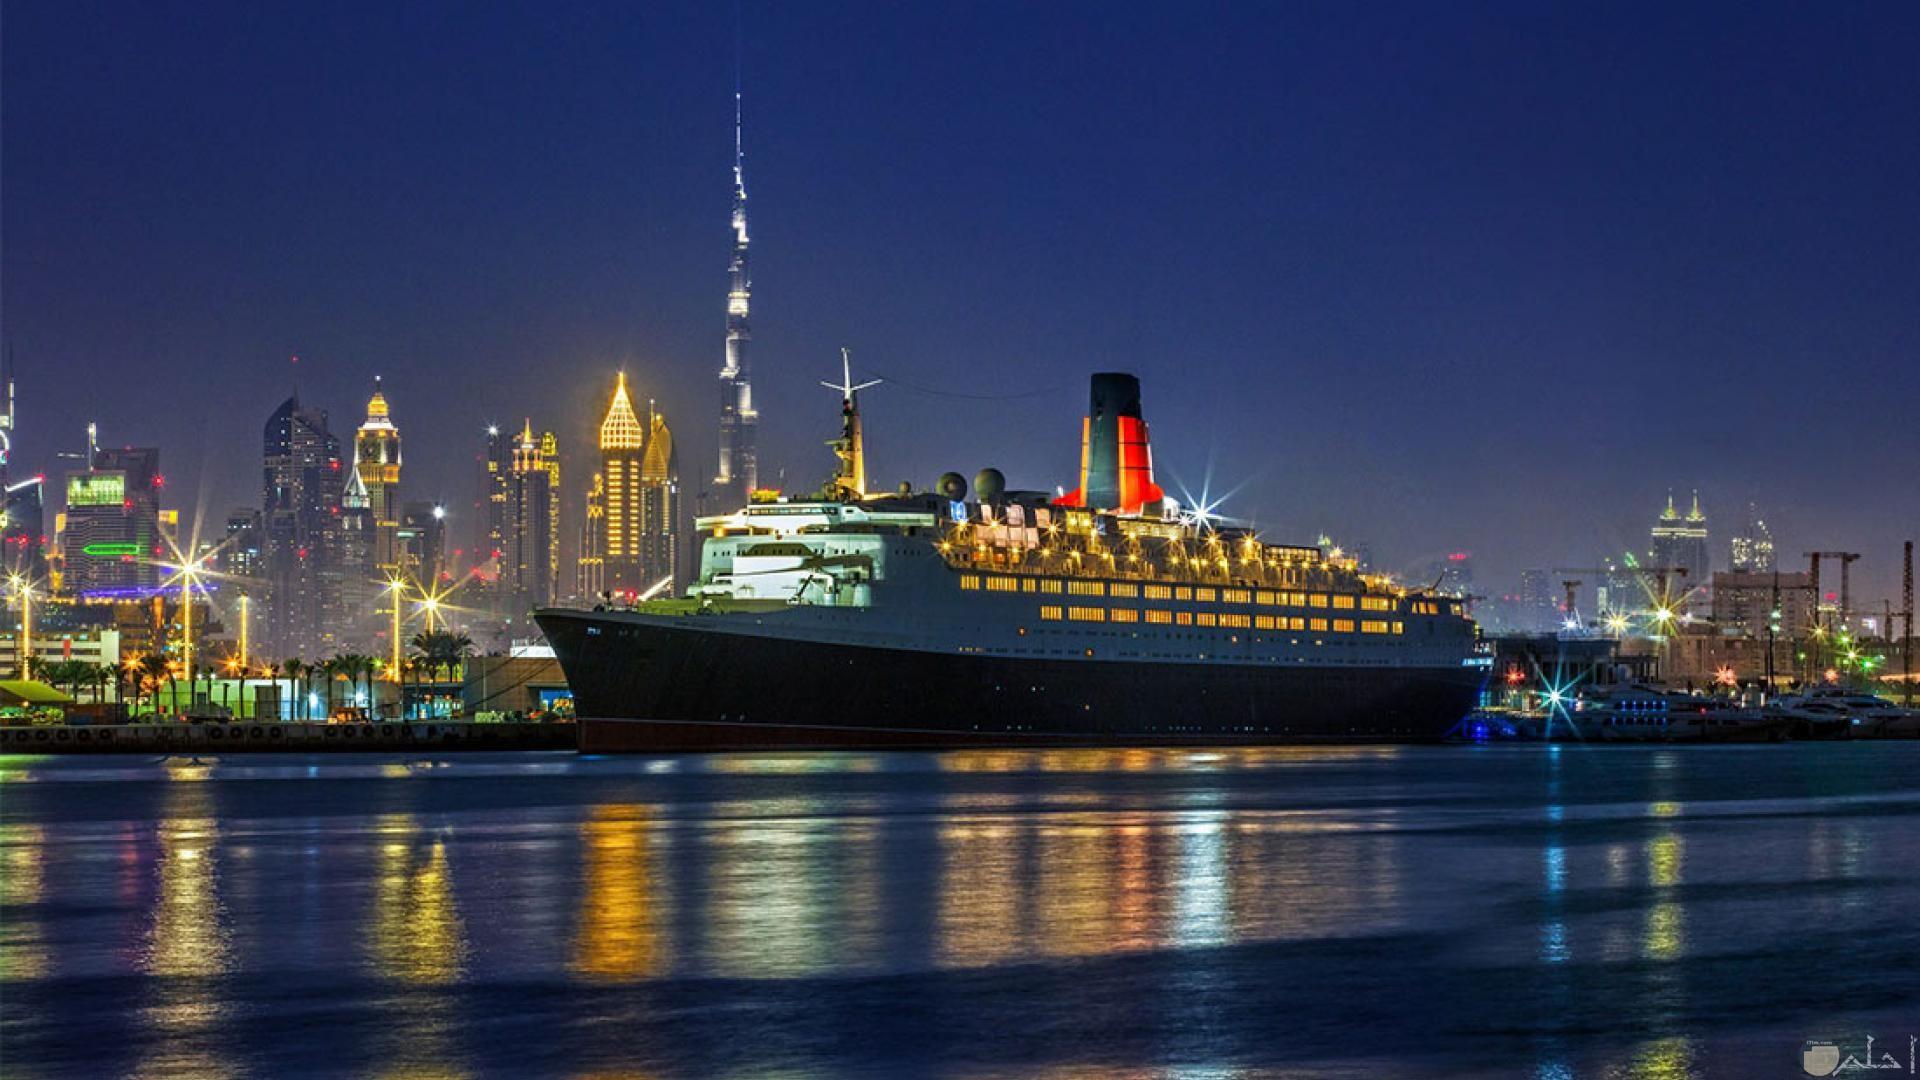 صورة جميلة لسفينة عملاقة.